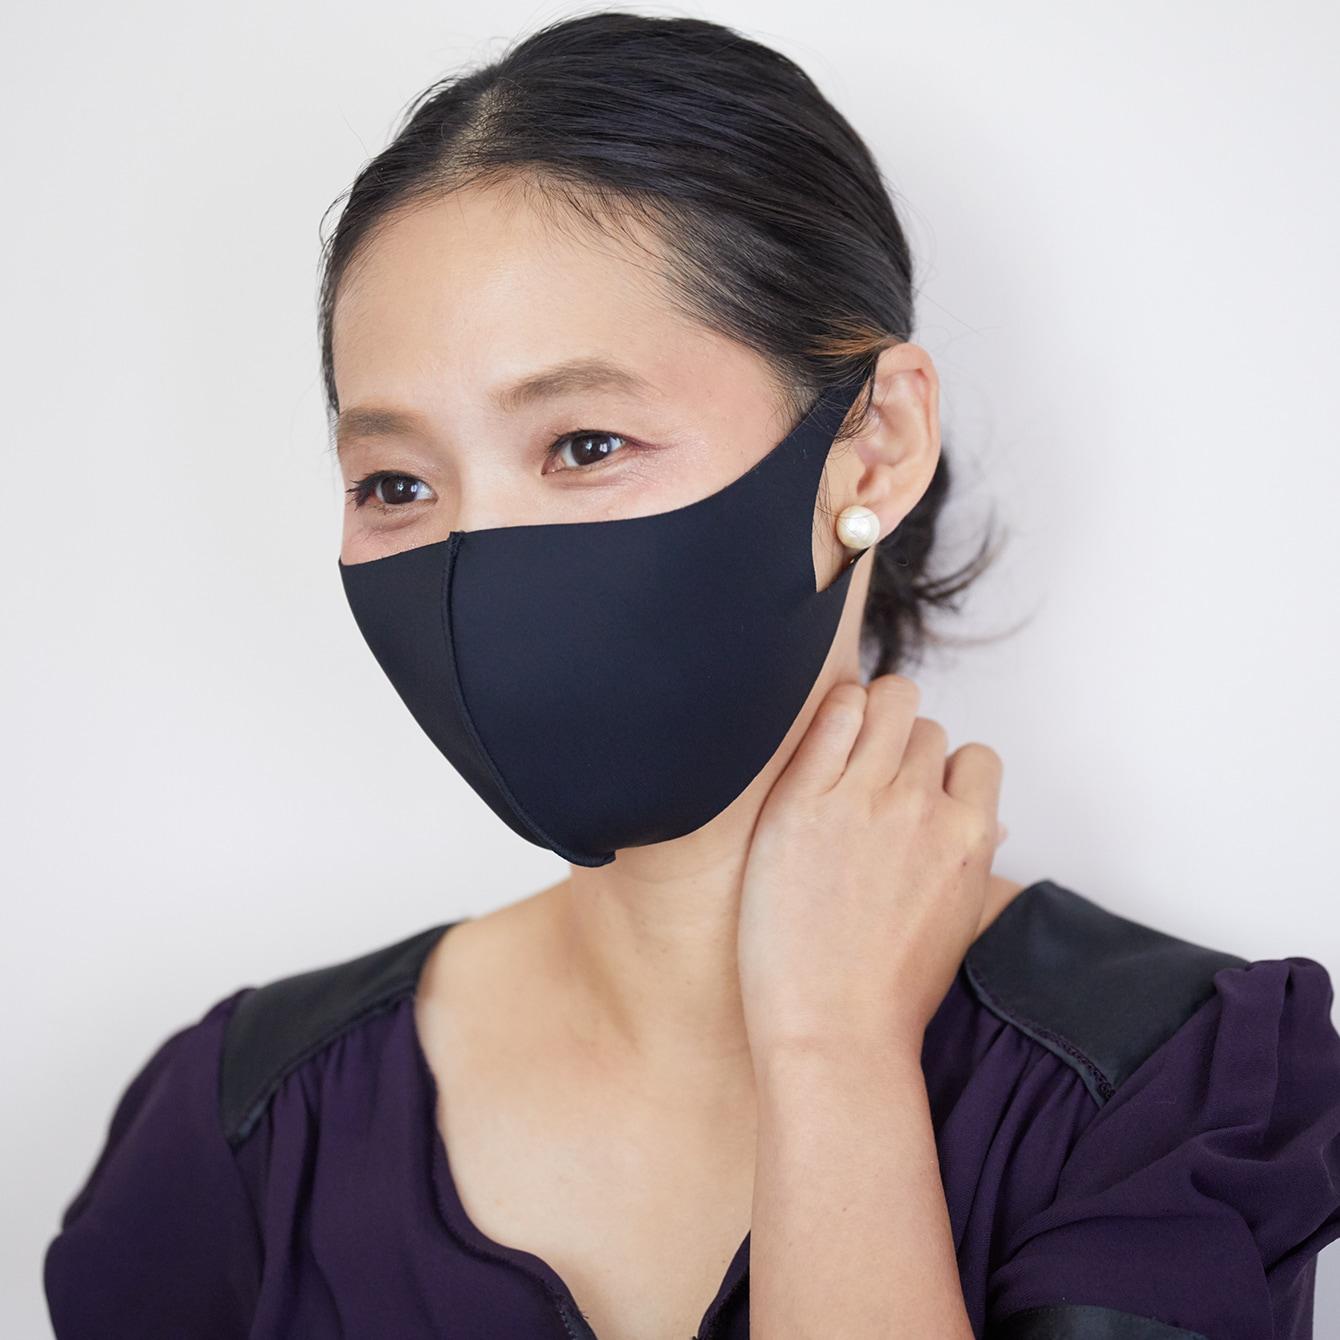 【マスクの色別メイク】汚れが気にならない黒マスクは赤系ボルドーで華やか顔に